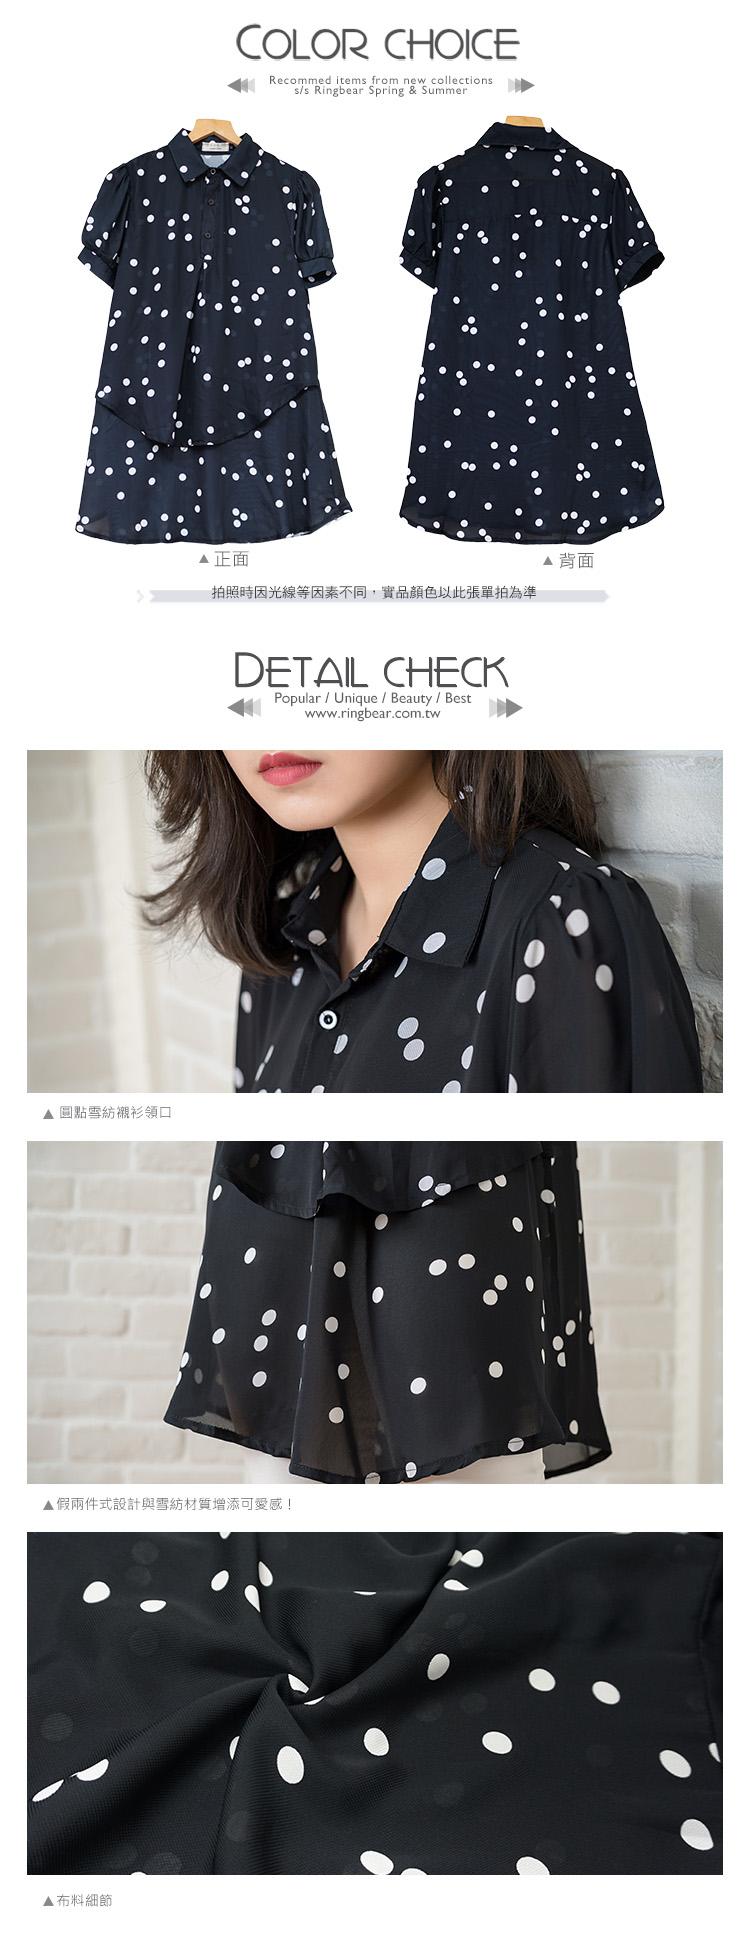 大尺碼OL襯衫--修腰顯瘦氣質圓點印花公主袖假兩件式短袖襯衫(黑XL-5L)-H92眼圈熊中大尺碼